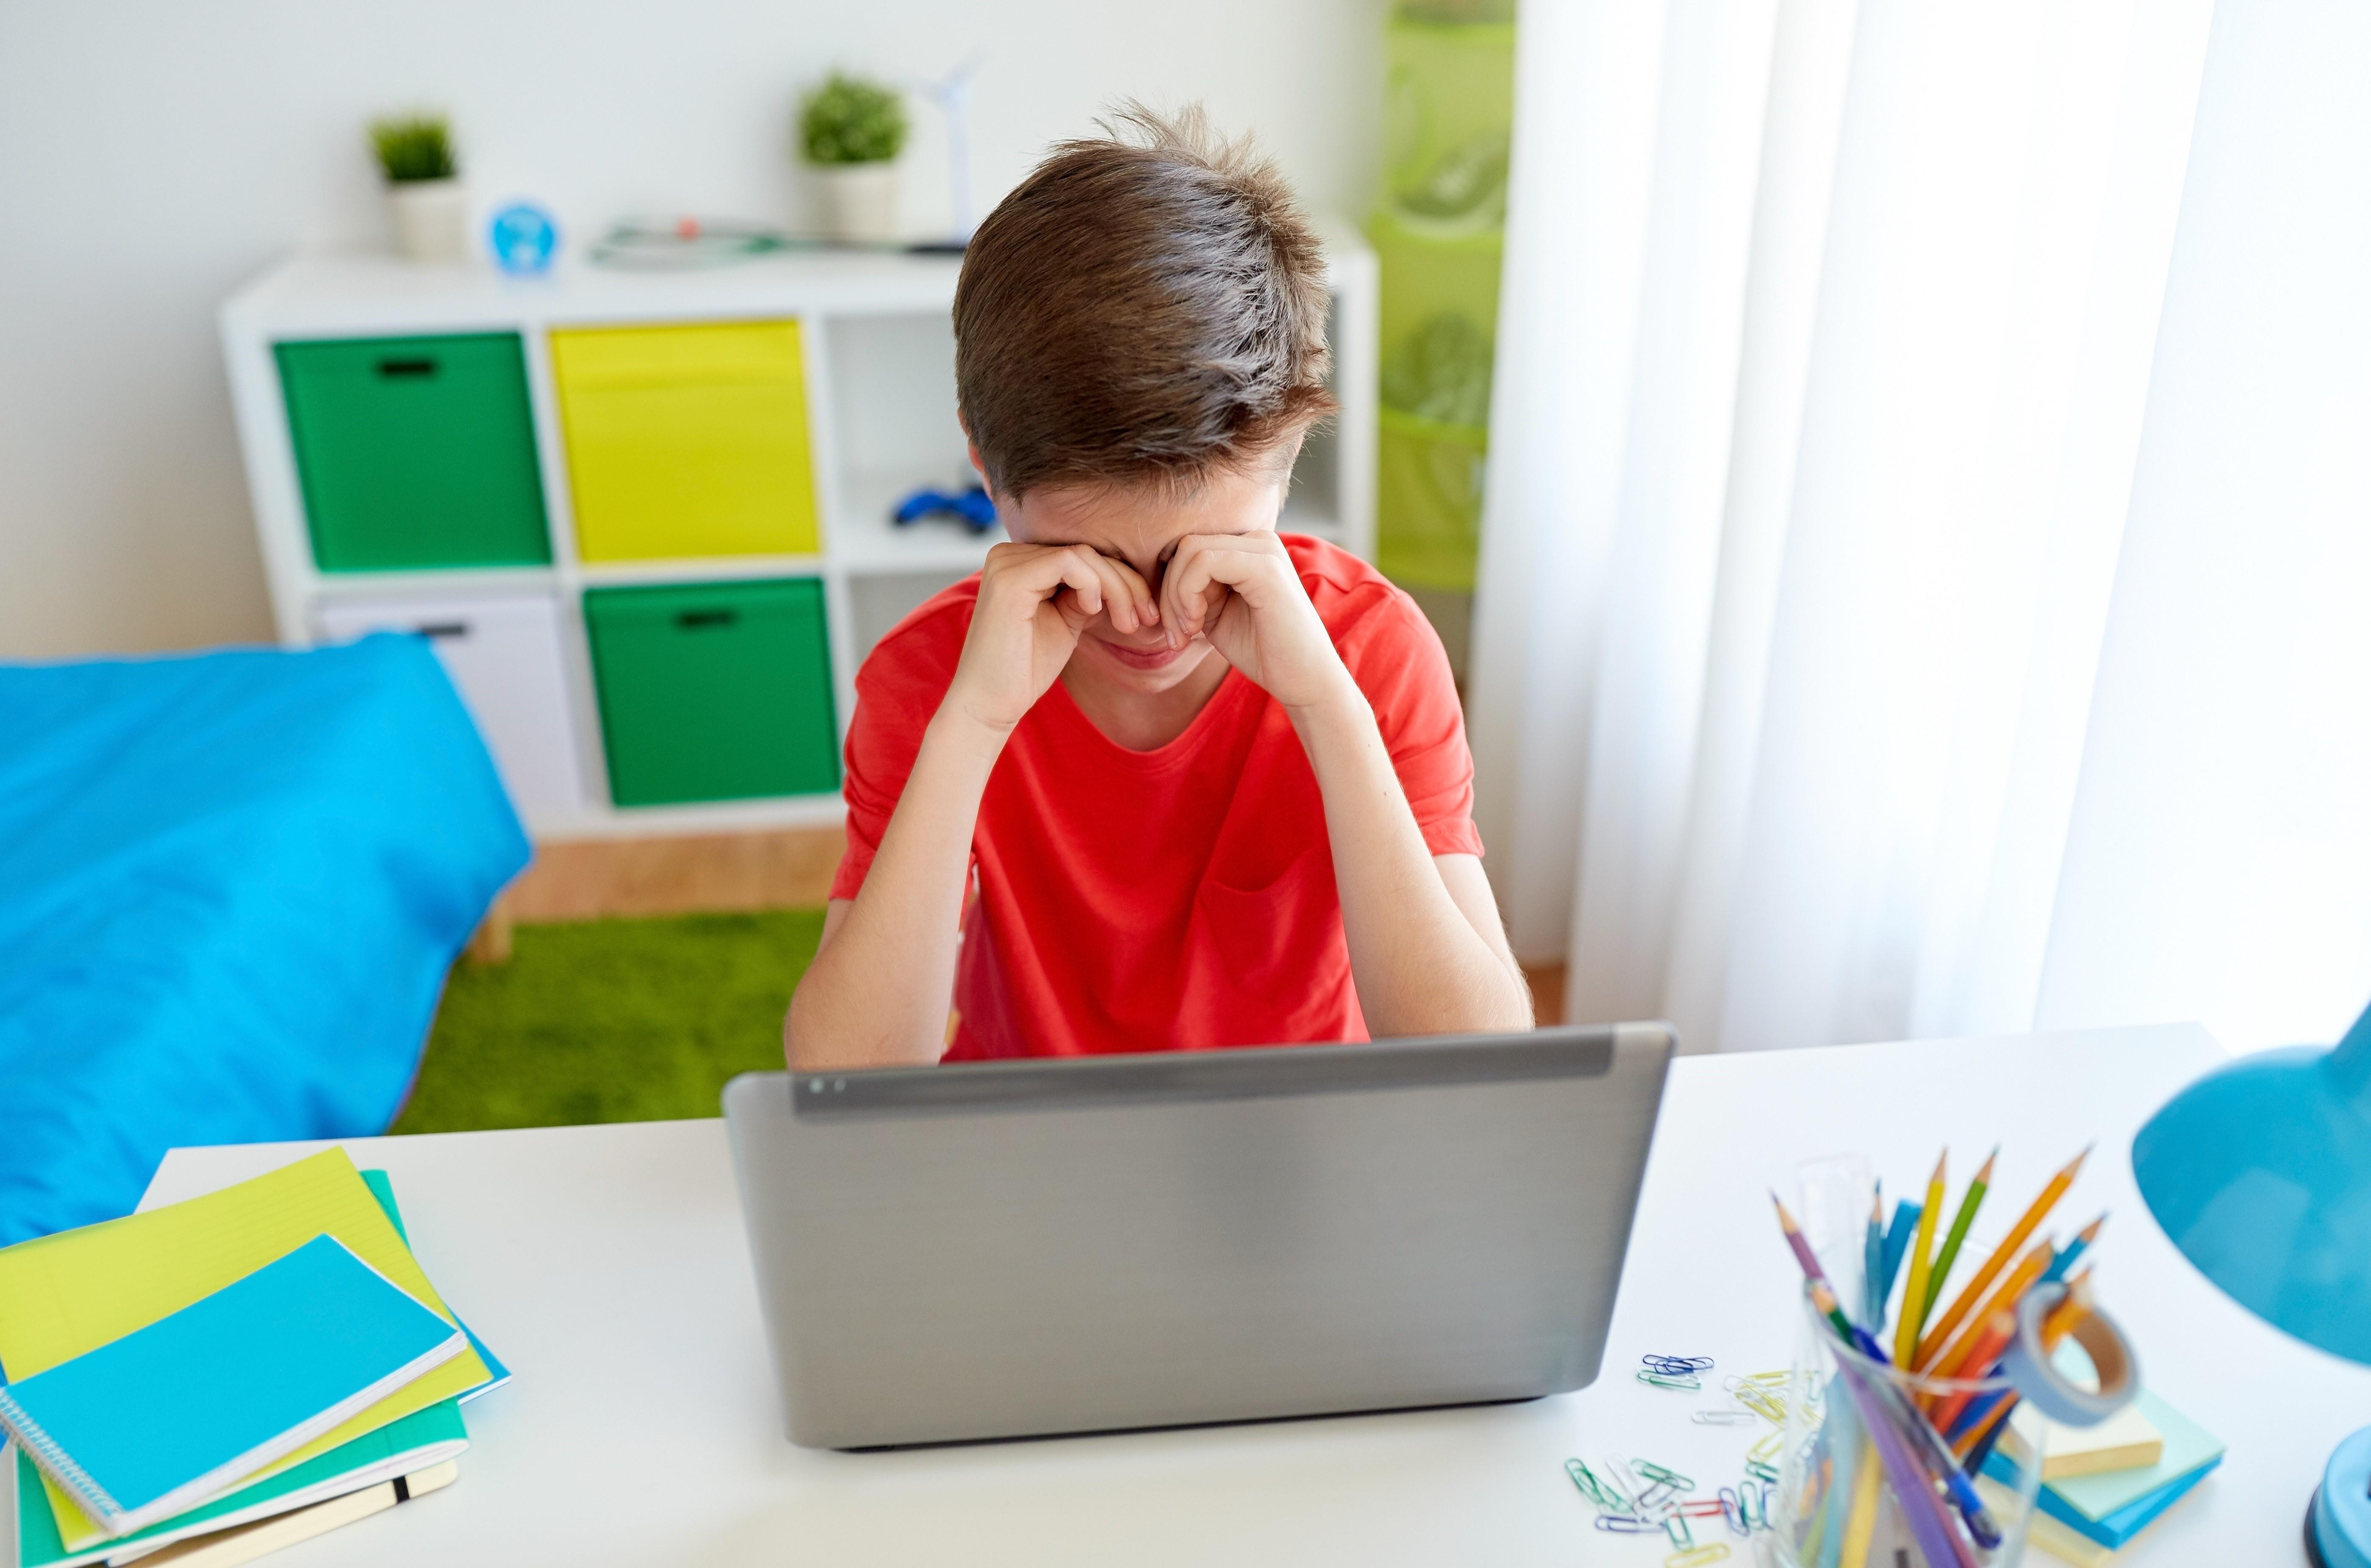 Якщо ваша дитина все ж стала жертвою кібербулінгу, важливо вчасно це розпізнати. ESET.